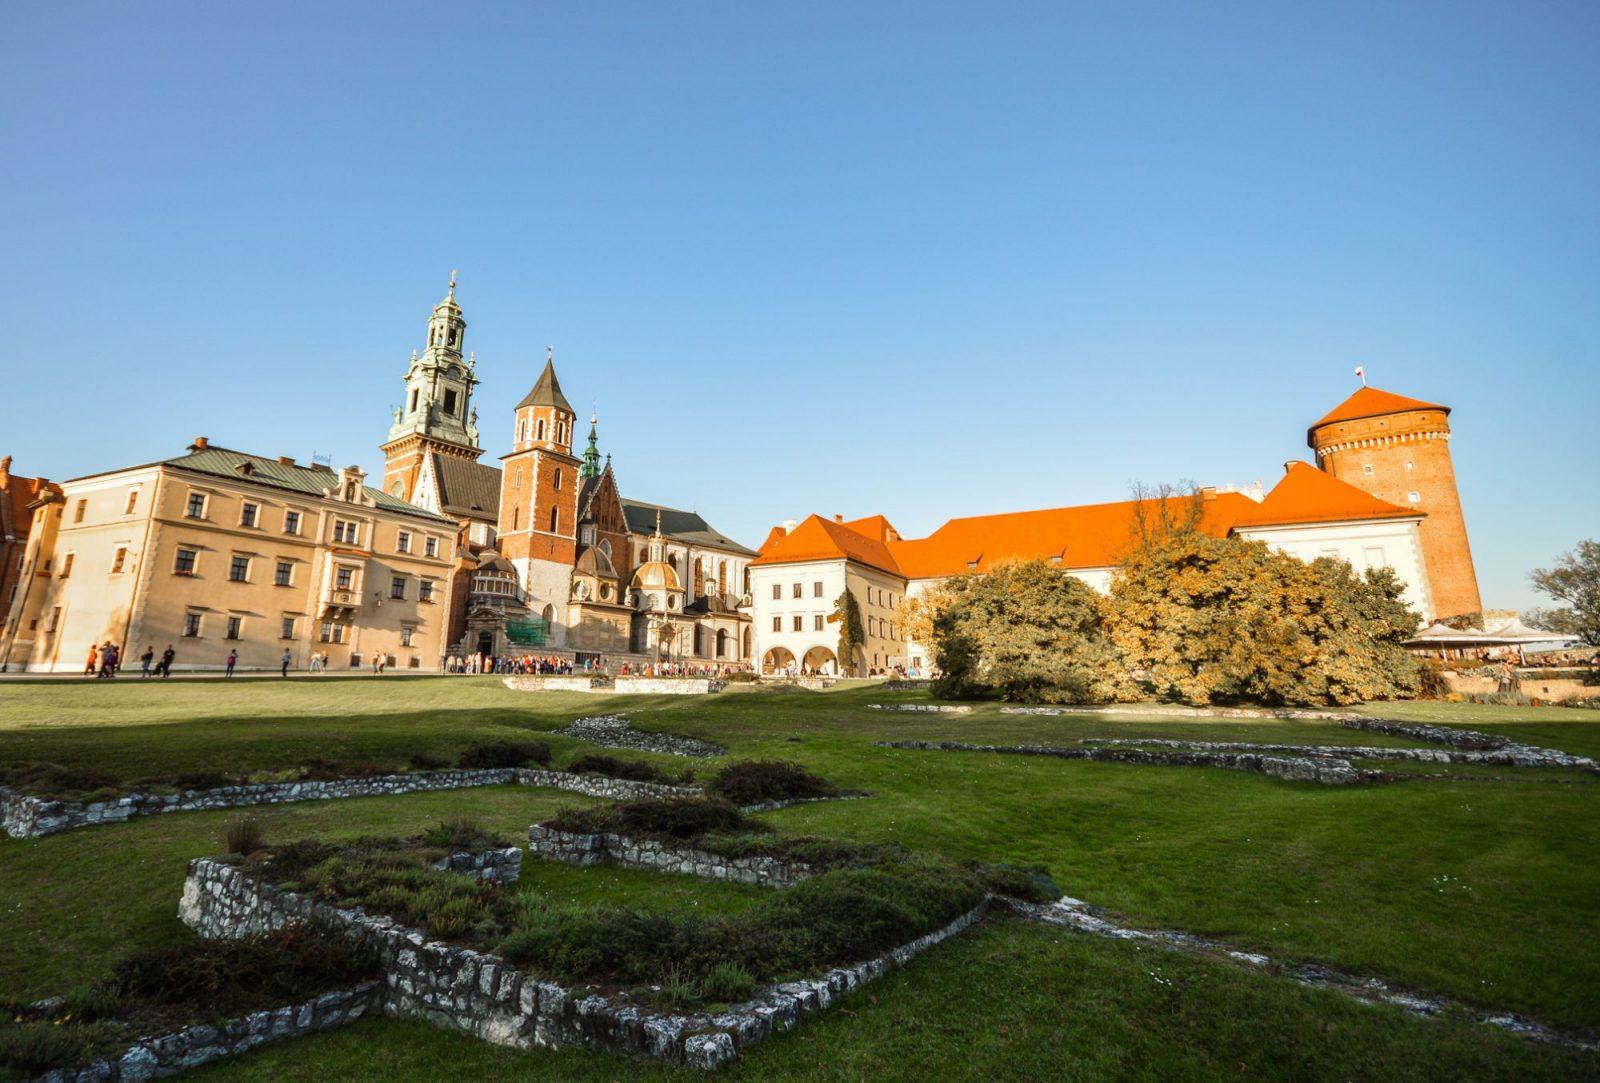 Wawel Castle Gardens in Krakow